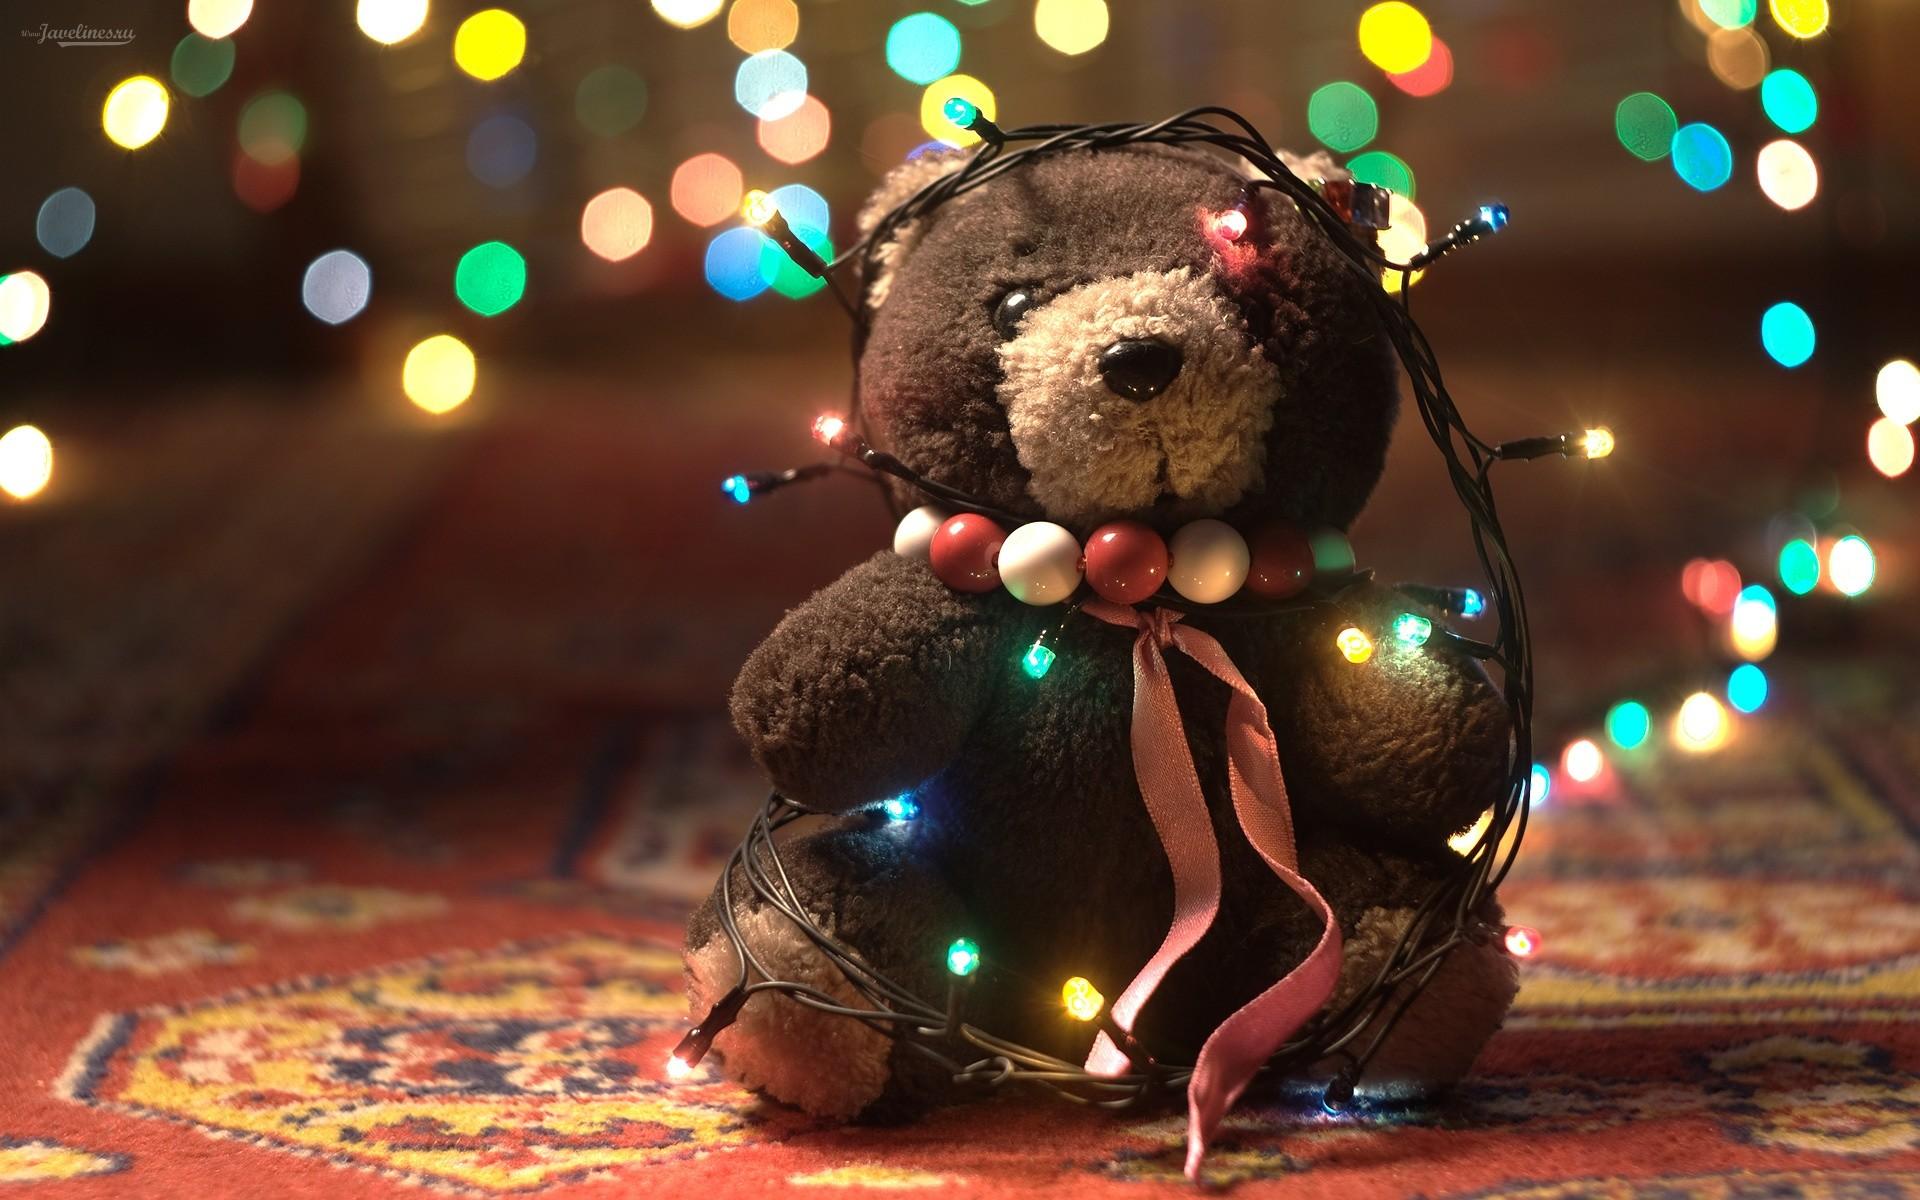 Res: 1920x1200, Adorable Teddy Bear